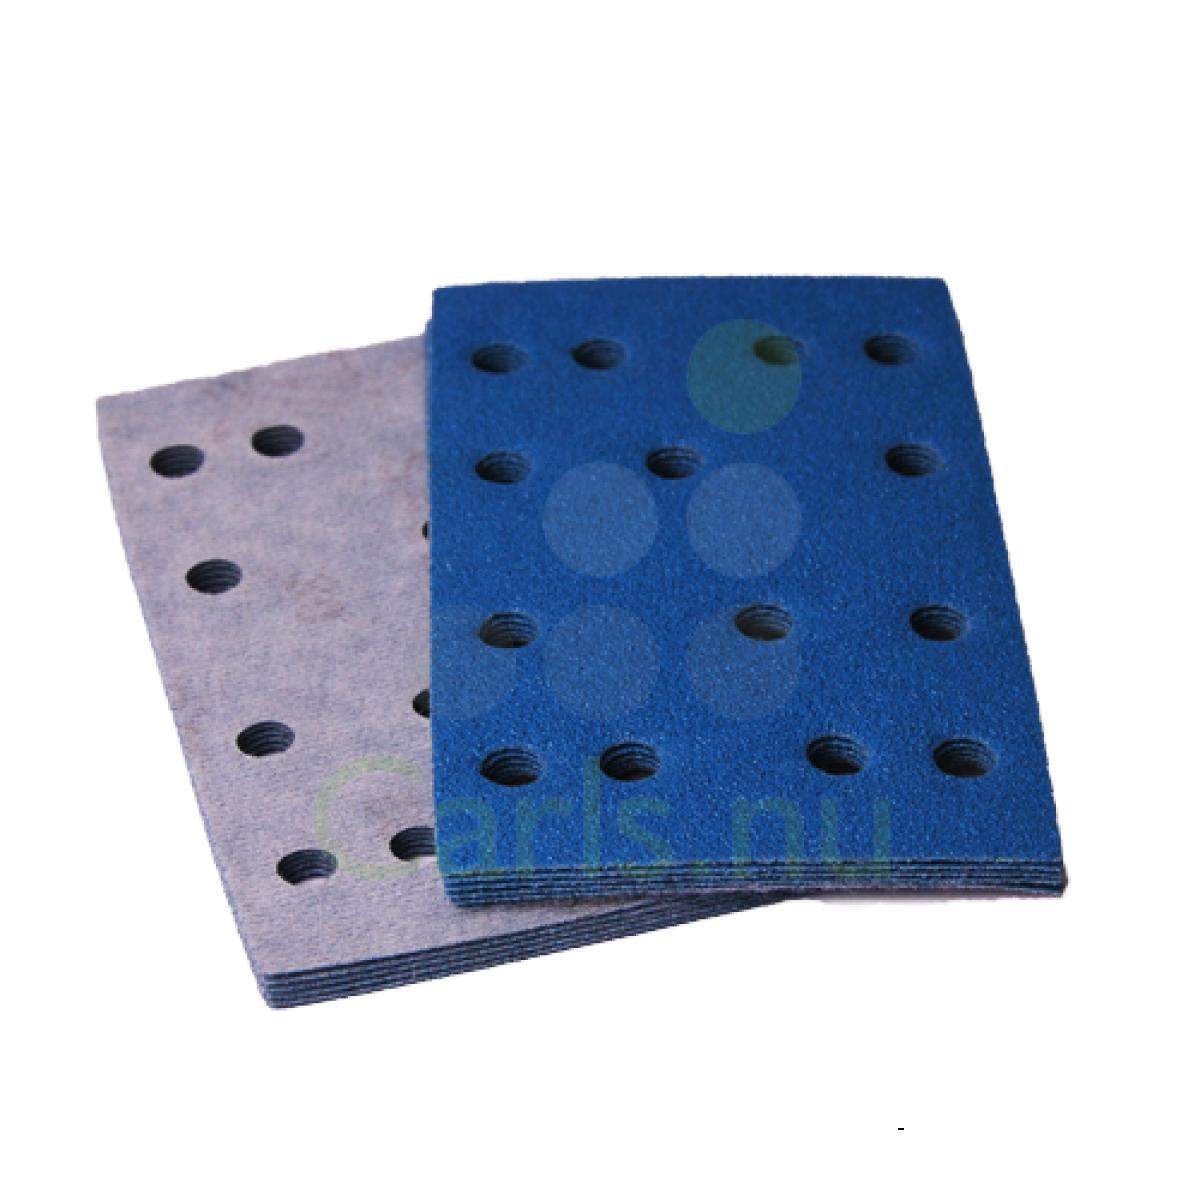 Sandpapir til rystepudser 80x133mm med velcro - 25 stk/pakke